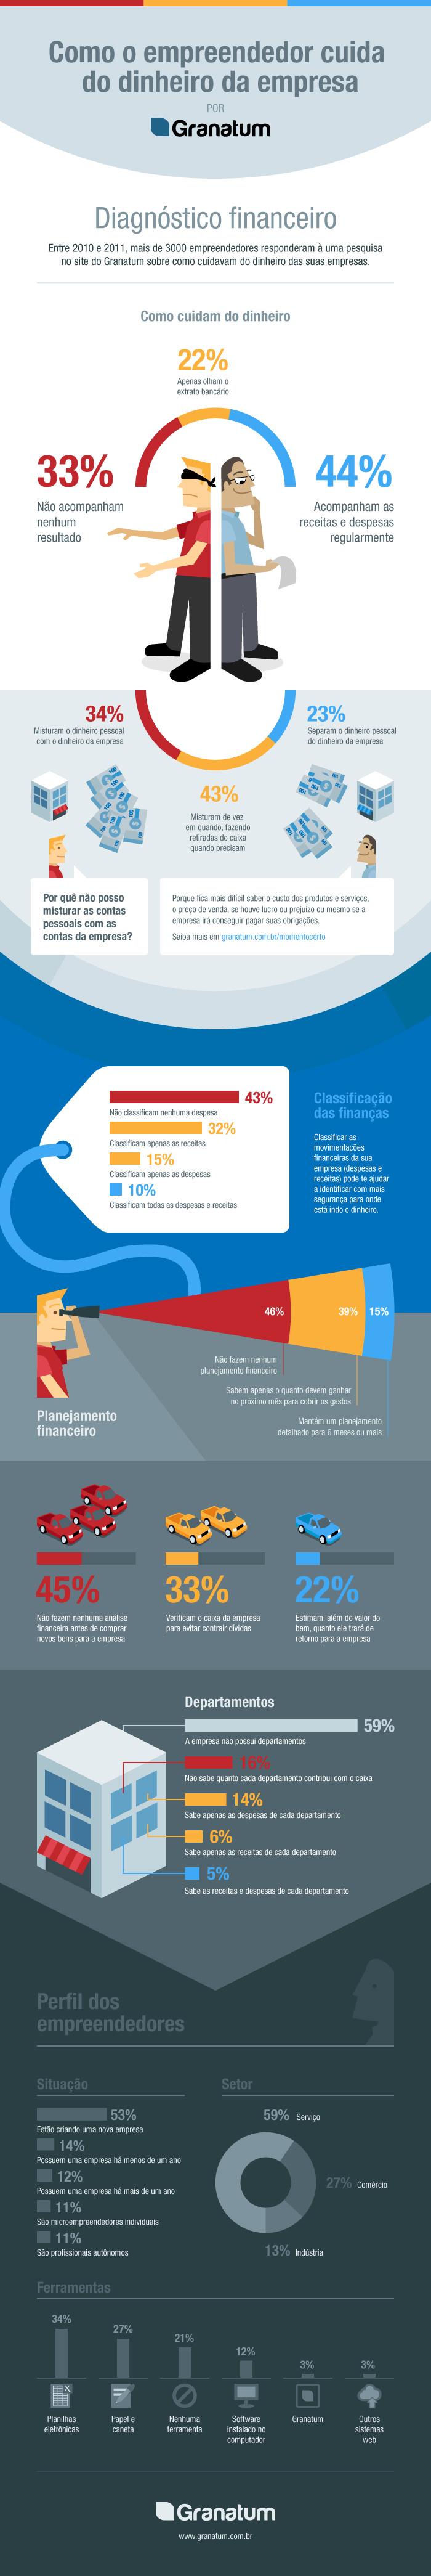 infografico diagnostico financeiro [Infográfico] Como o empreendedor faz o controle financeiro da empresa